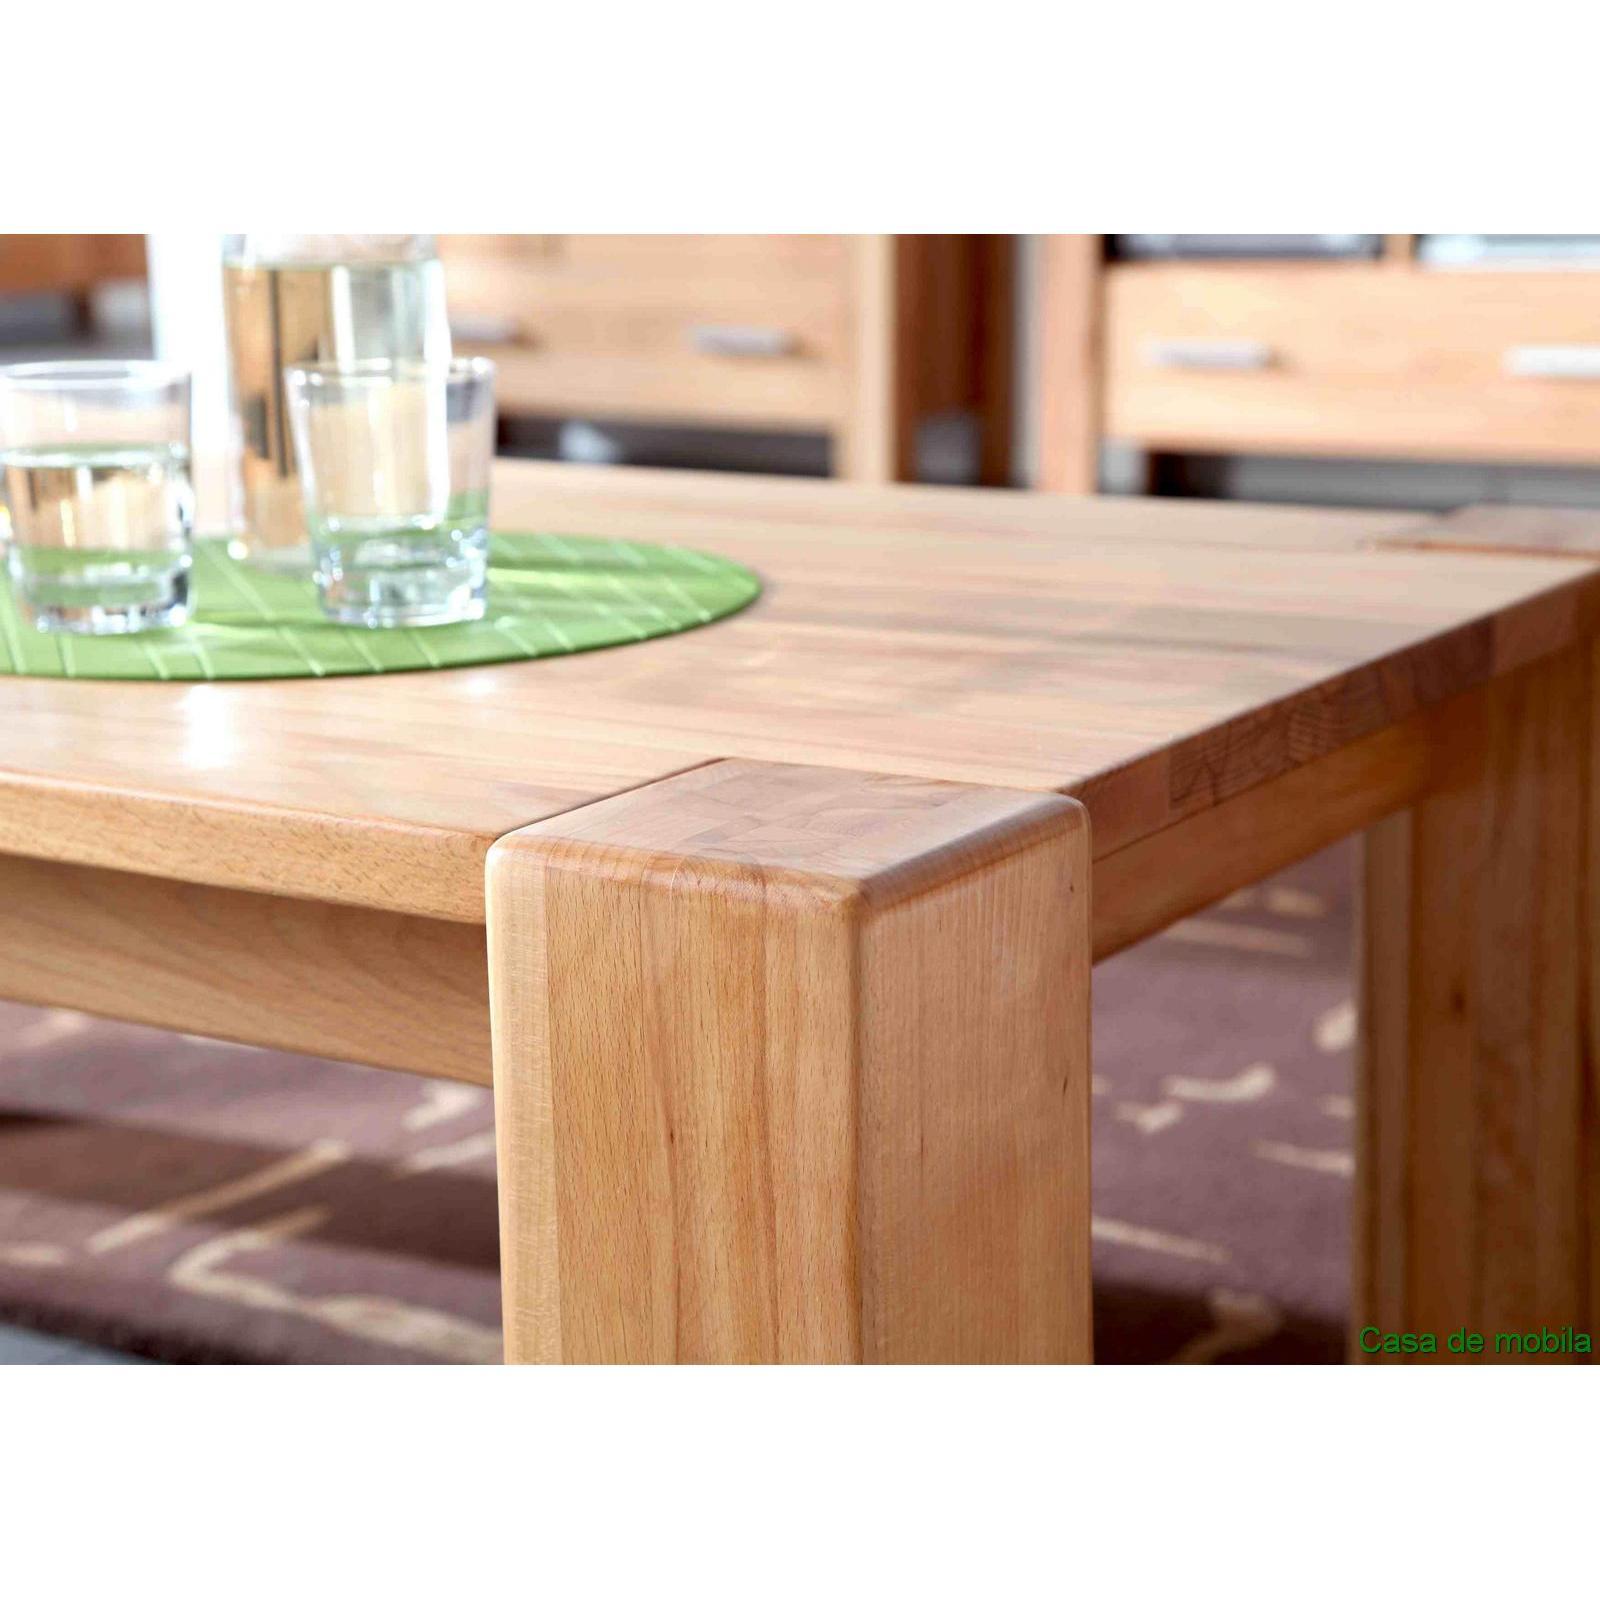 echtholz couchtisch wohnzimmertisch 85x85 cm kernbuche massiv natur ge lt gulliver. Black Bedroom Furniture Sets. Home Design Ideas